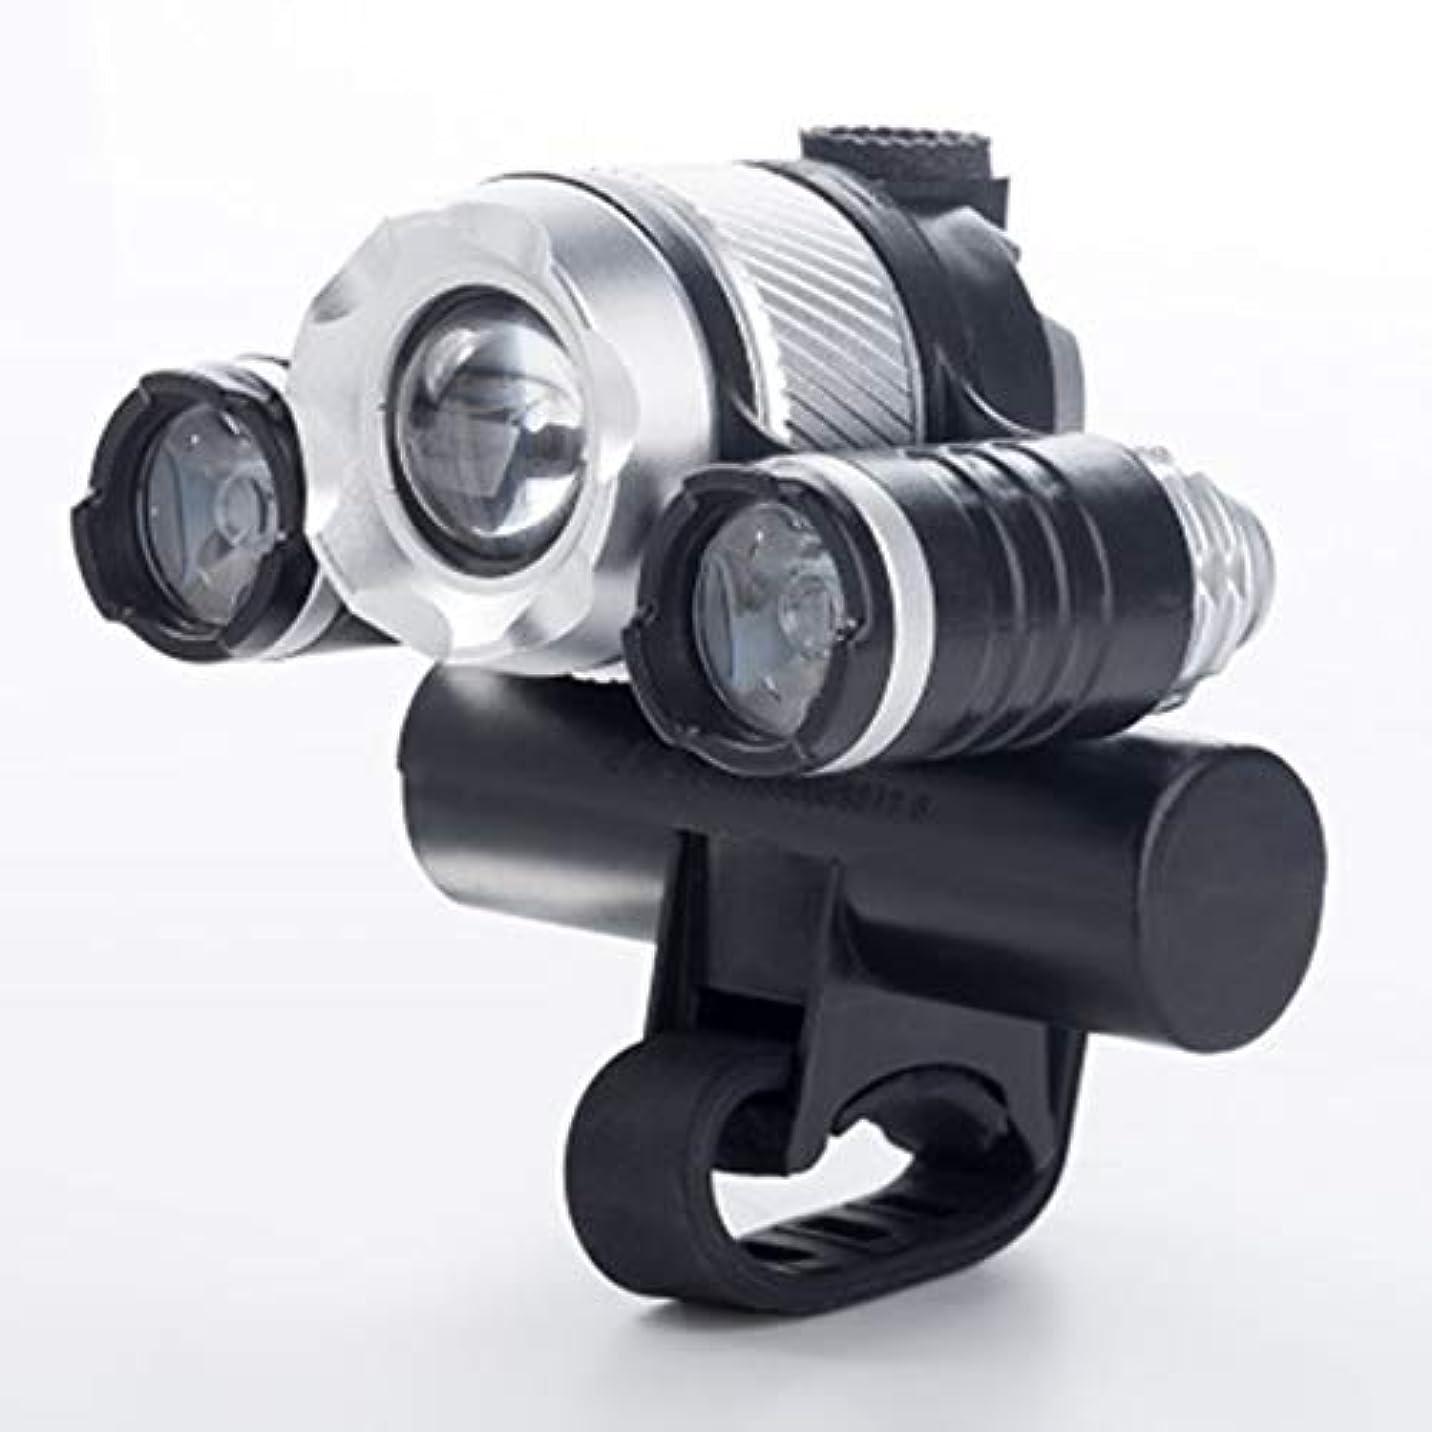 手配する恋人息子Kongqiabona T6 LEDサイクリングランプUSB充電式自転車フロントライト自転車ヘッドライトバイシクルハンドルバーランプバイクパーツ